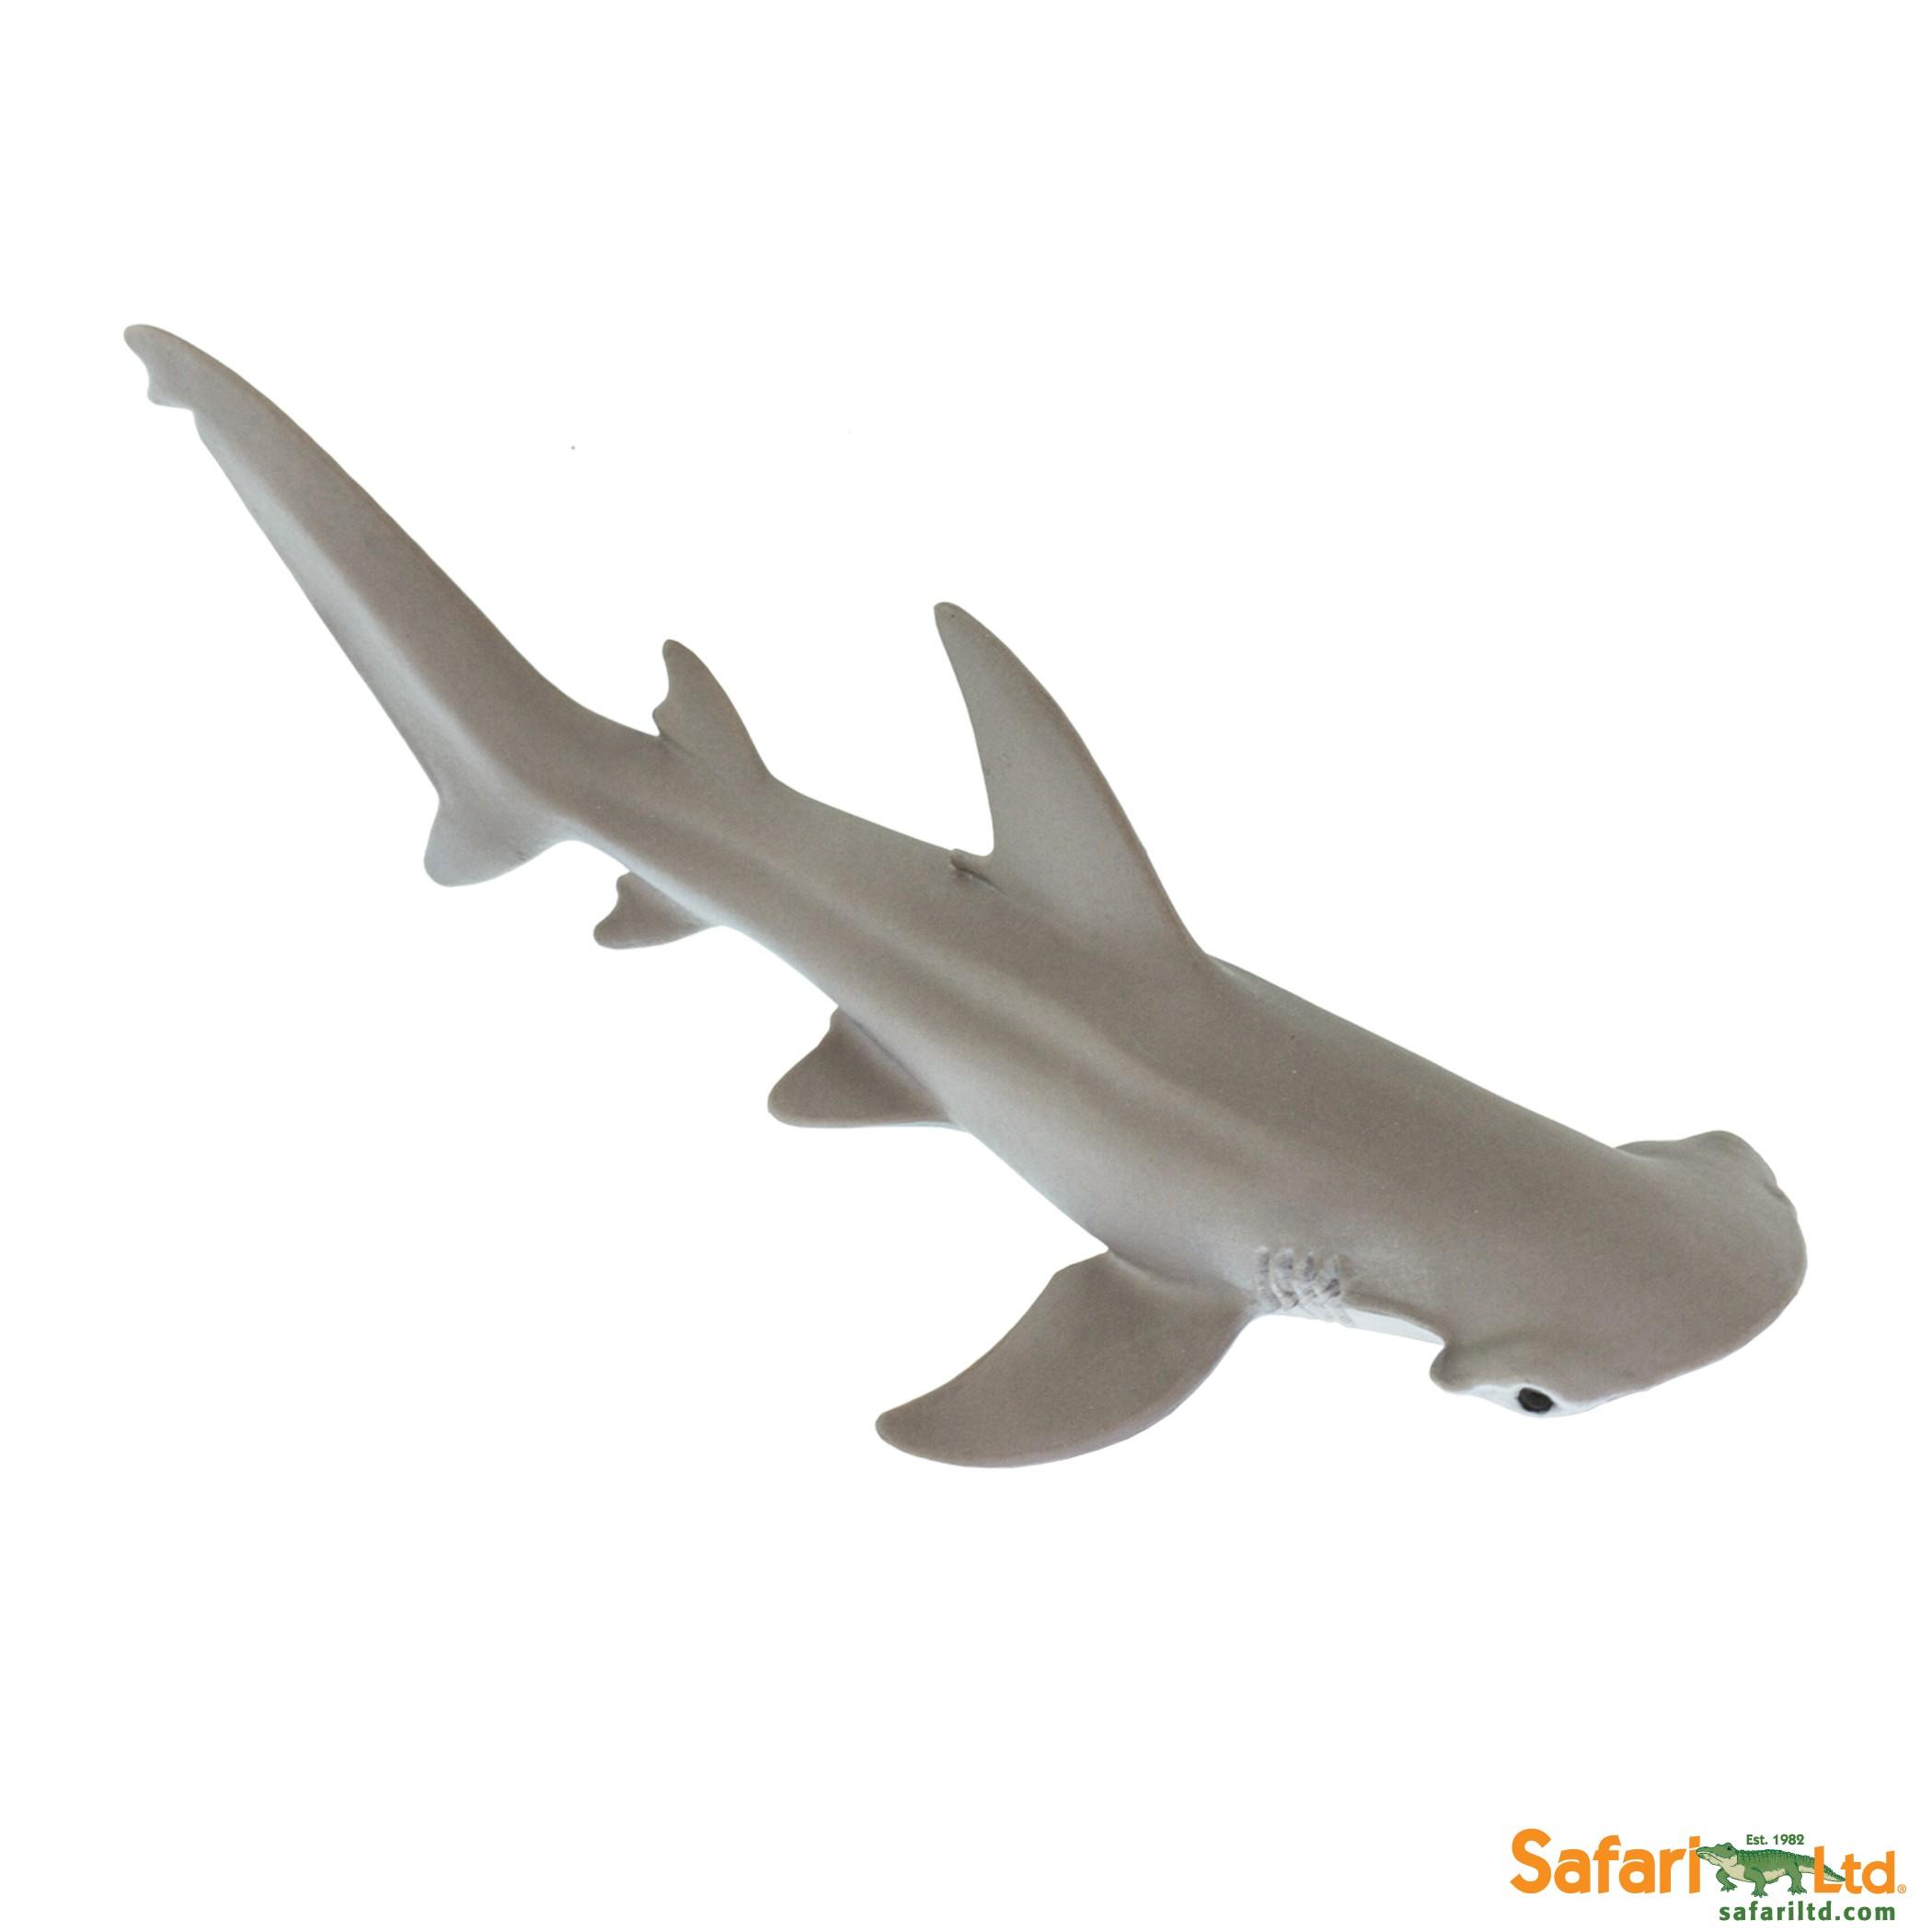 Kladivoun tiburo